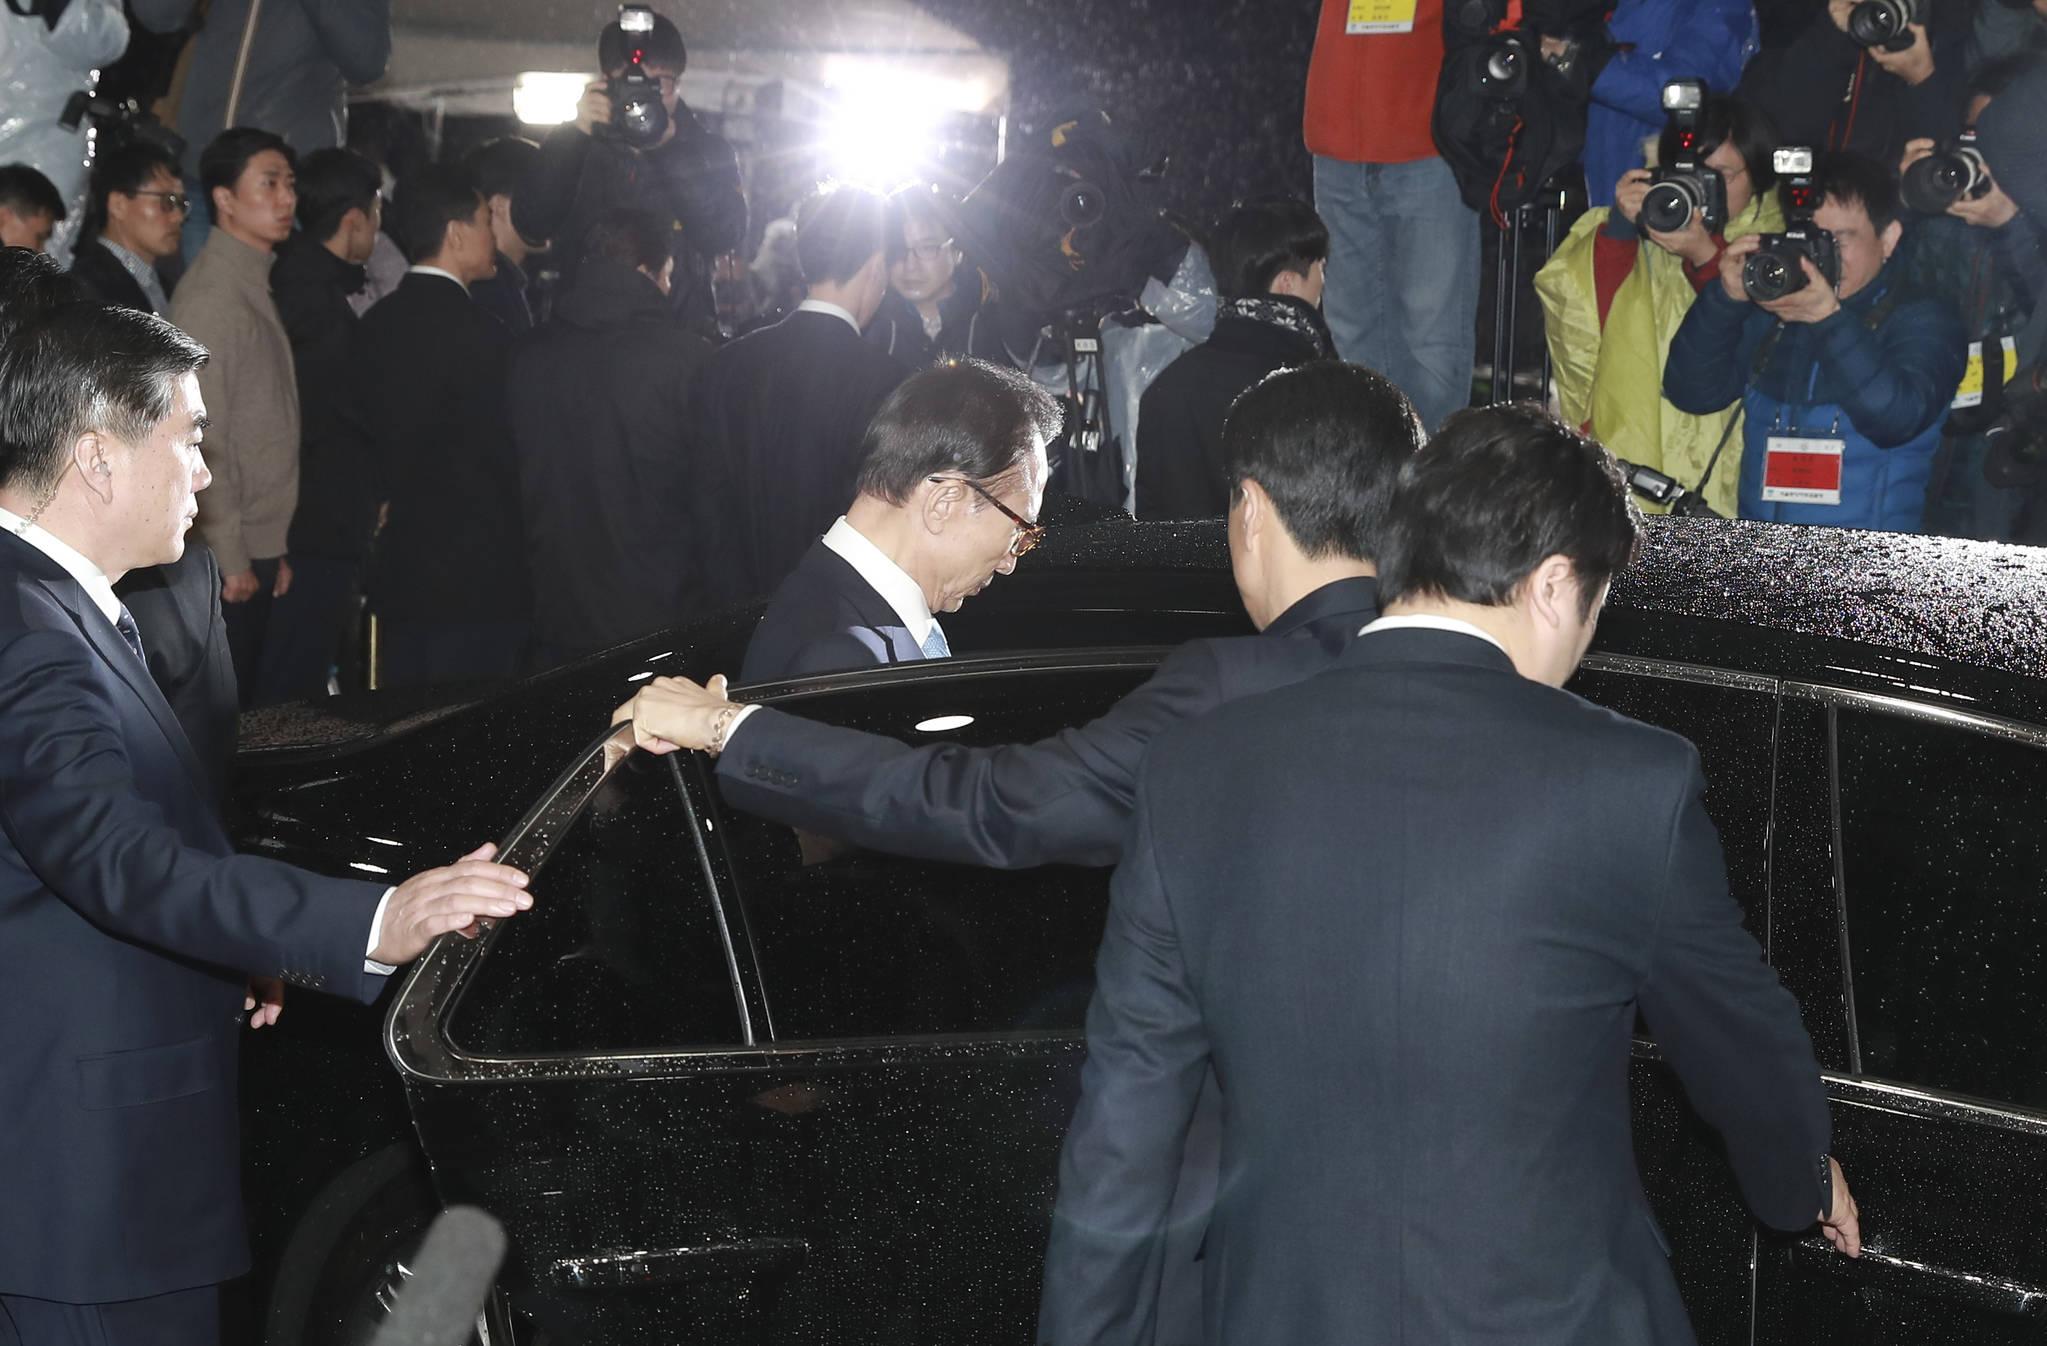 이명박 전 대통령이 15일 오전 피의자 조사를 마치고 서울중앙지검에서 차량에 탑승하고 있다. 임현동 기자